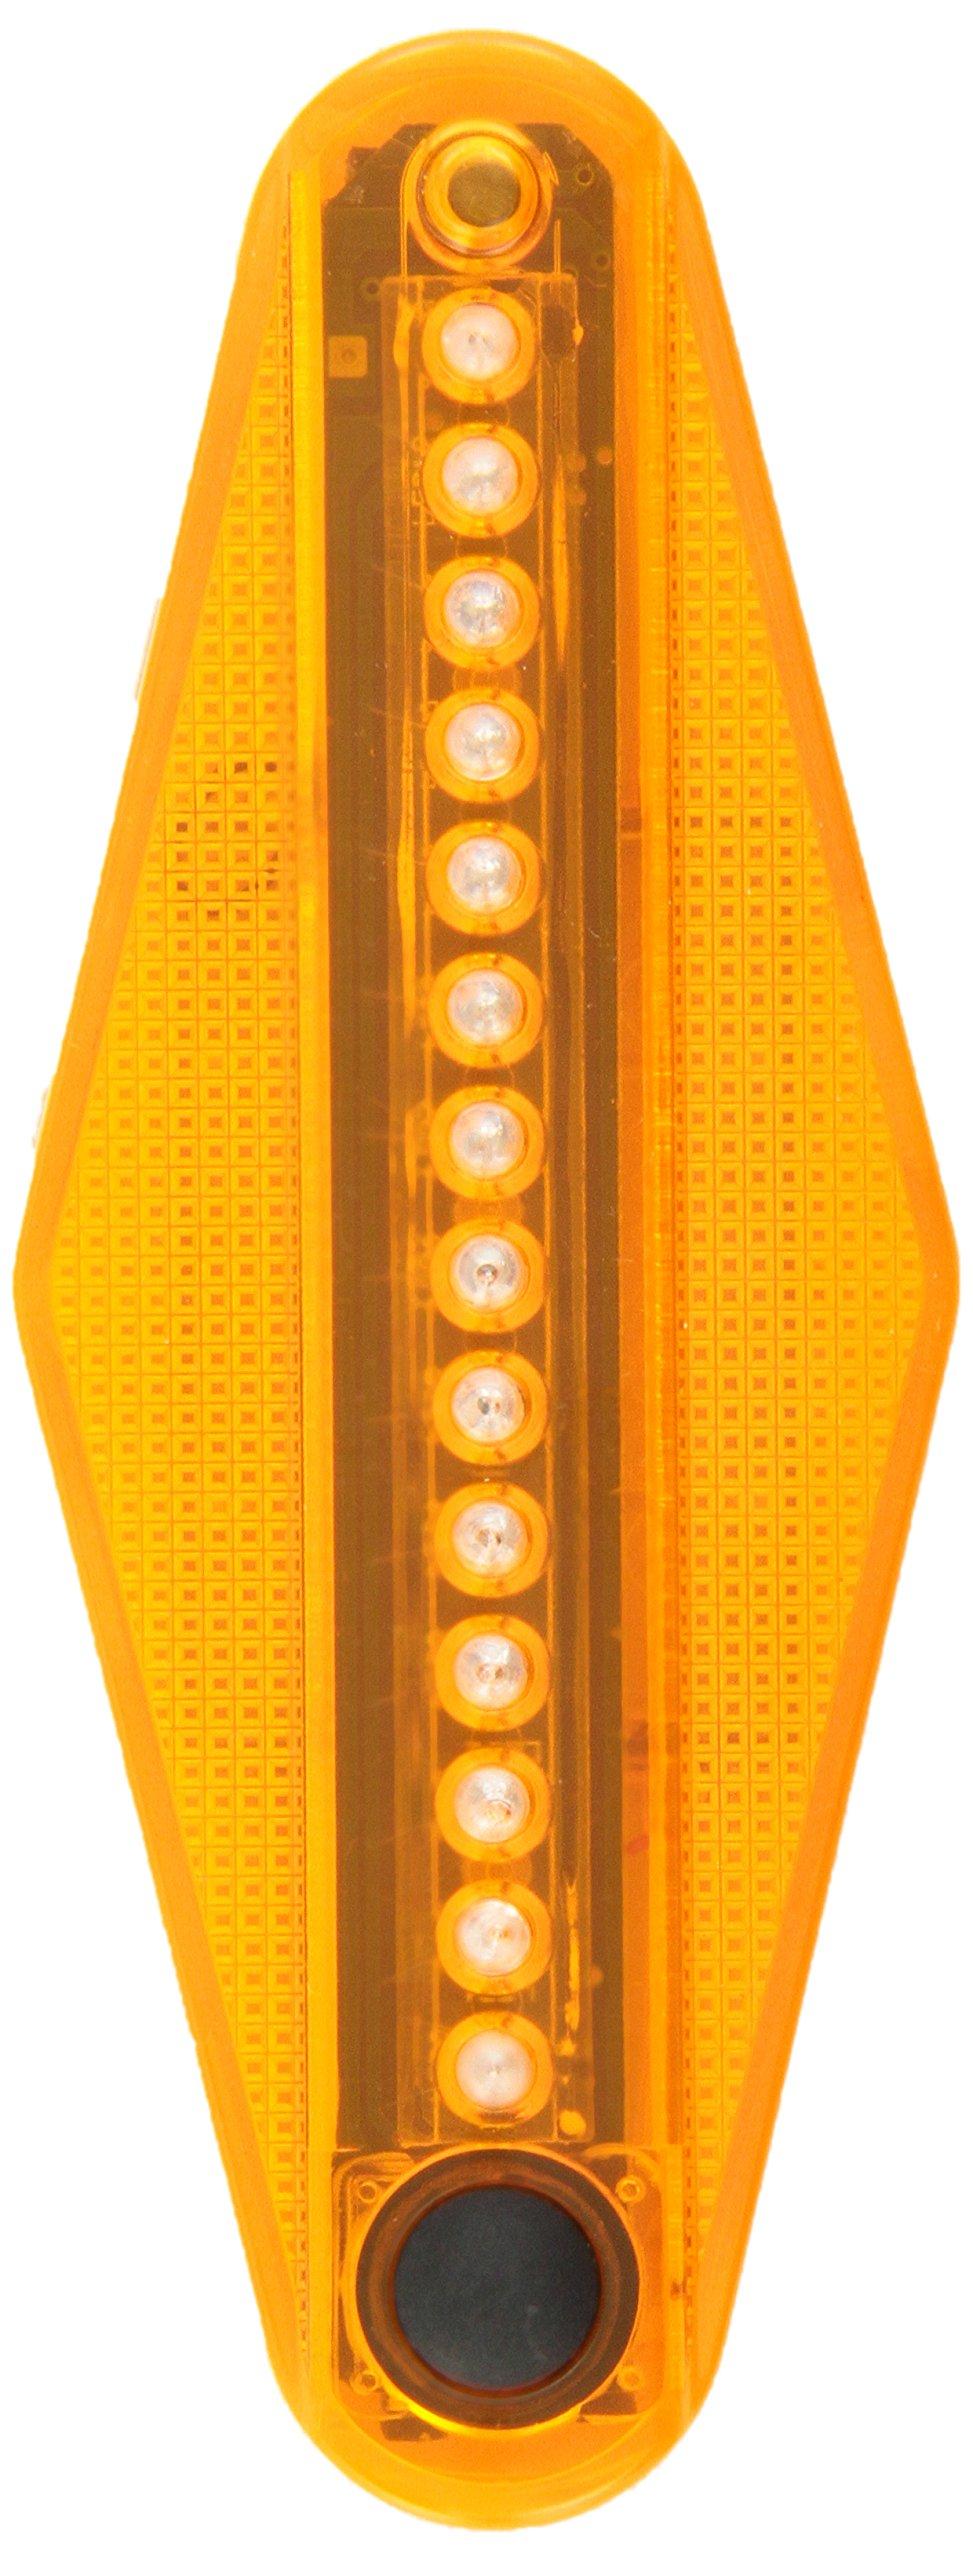 Trademark Games TGT Bike Spoke Message Light-14 LED